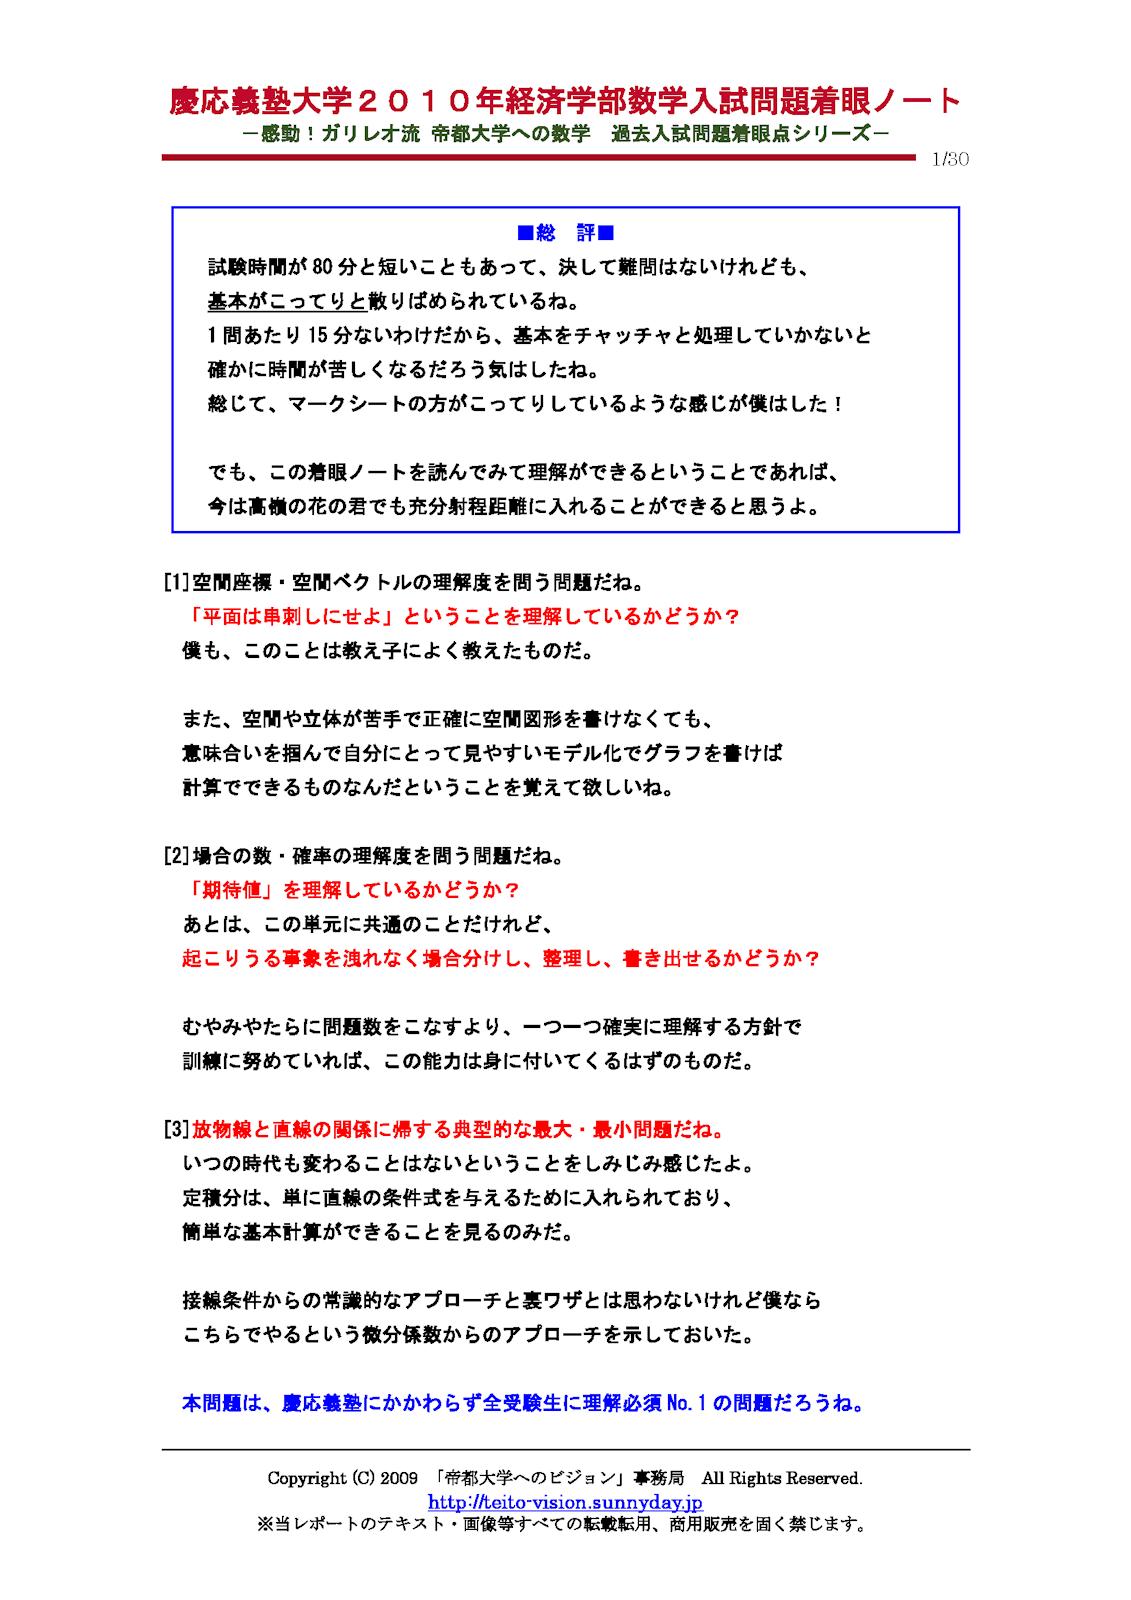 慶應義塾大学2010年経済学部数学入試問題着眼点ノート